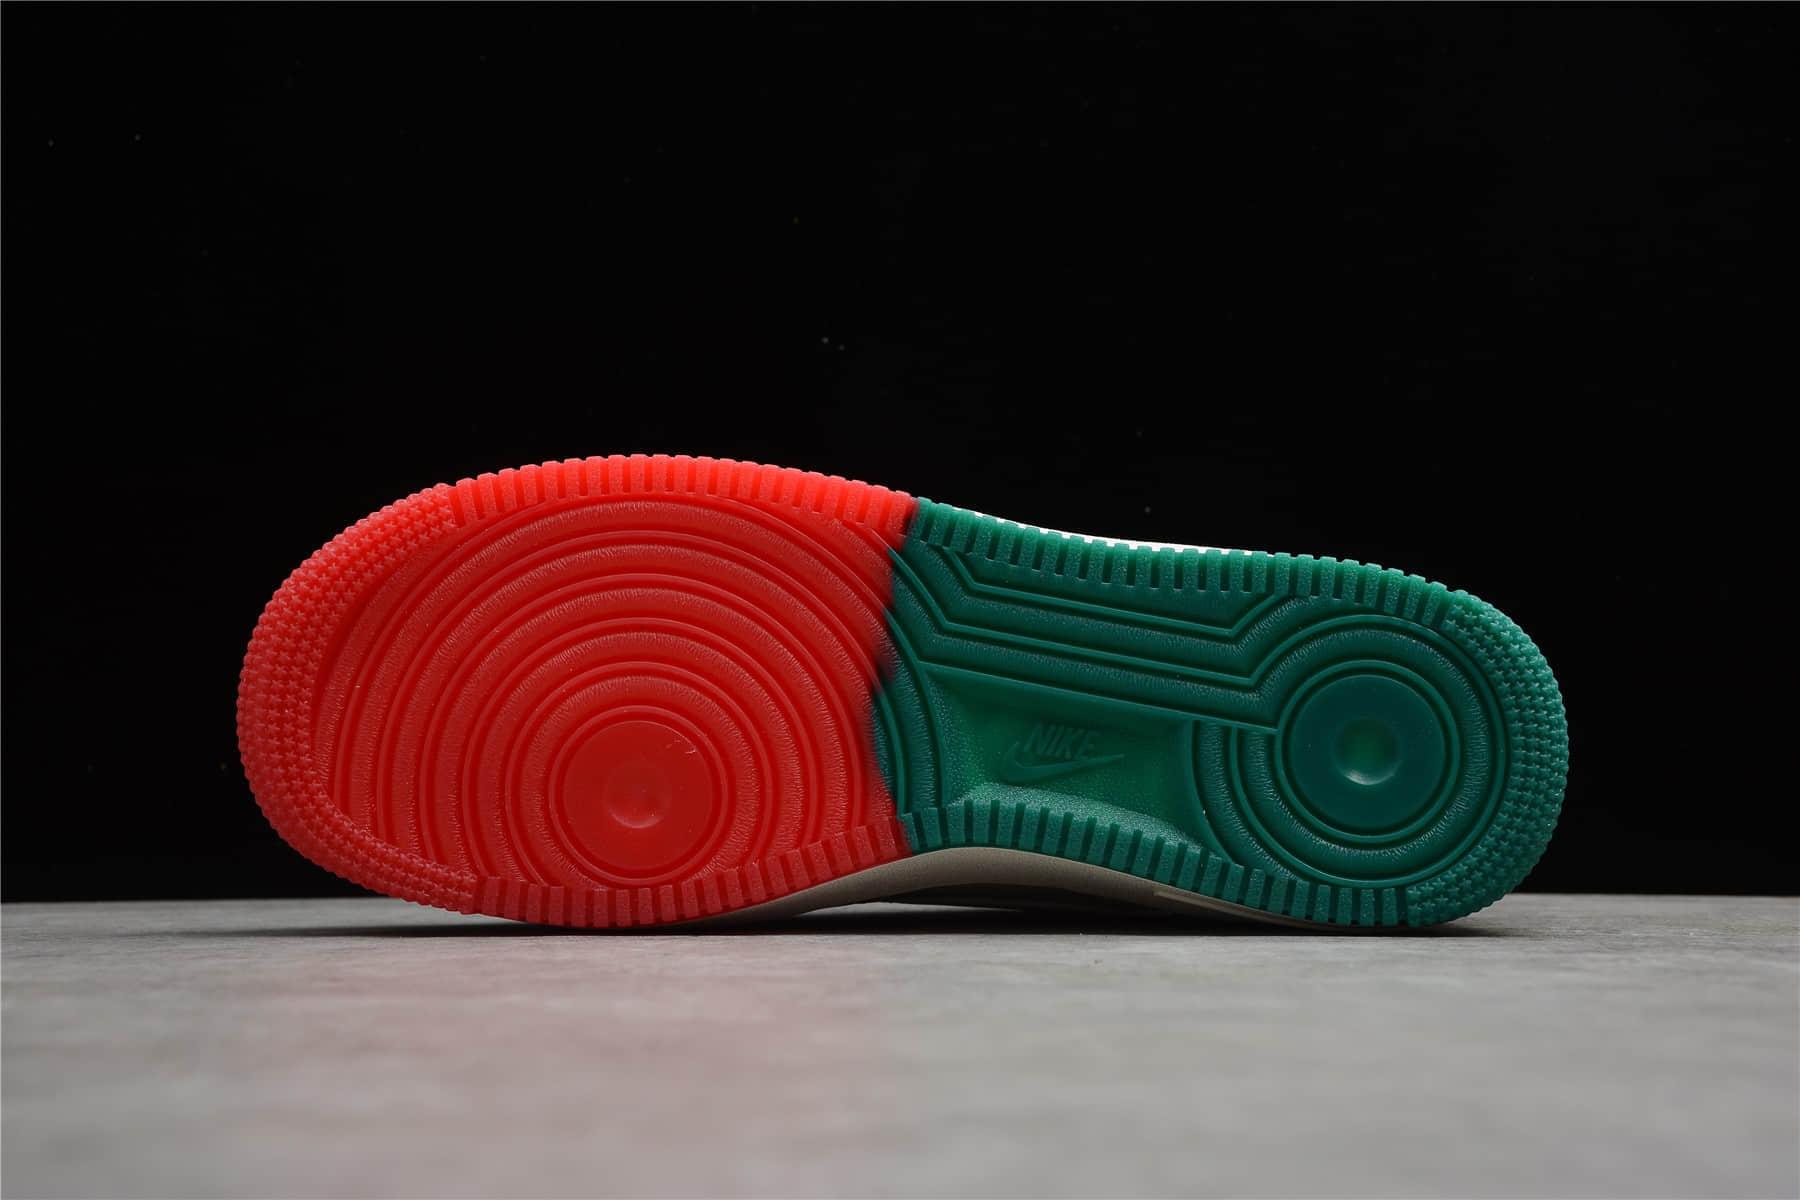 """耐克空军雄鹿队配色 Nike Air Force 1 Low '07 """"米红绿""""密尔沃基雄鹿队 耐克空军城市限定 耐克限量款 货号:BU6638-180-潮流者之家"""